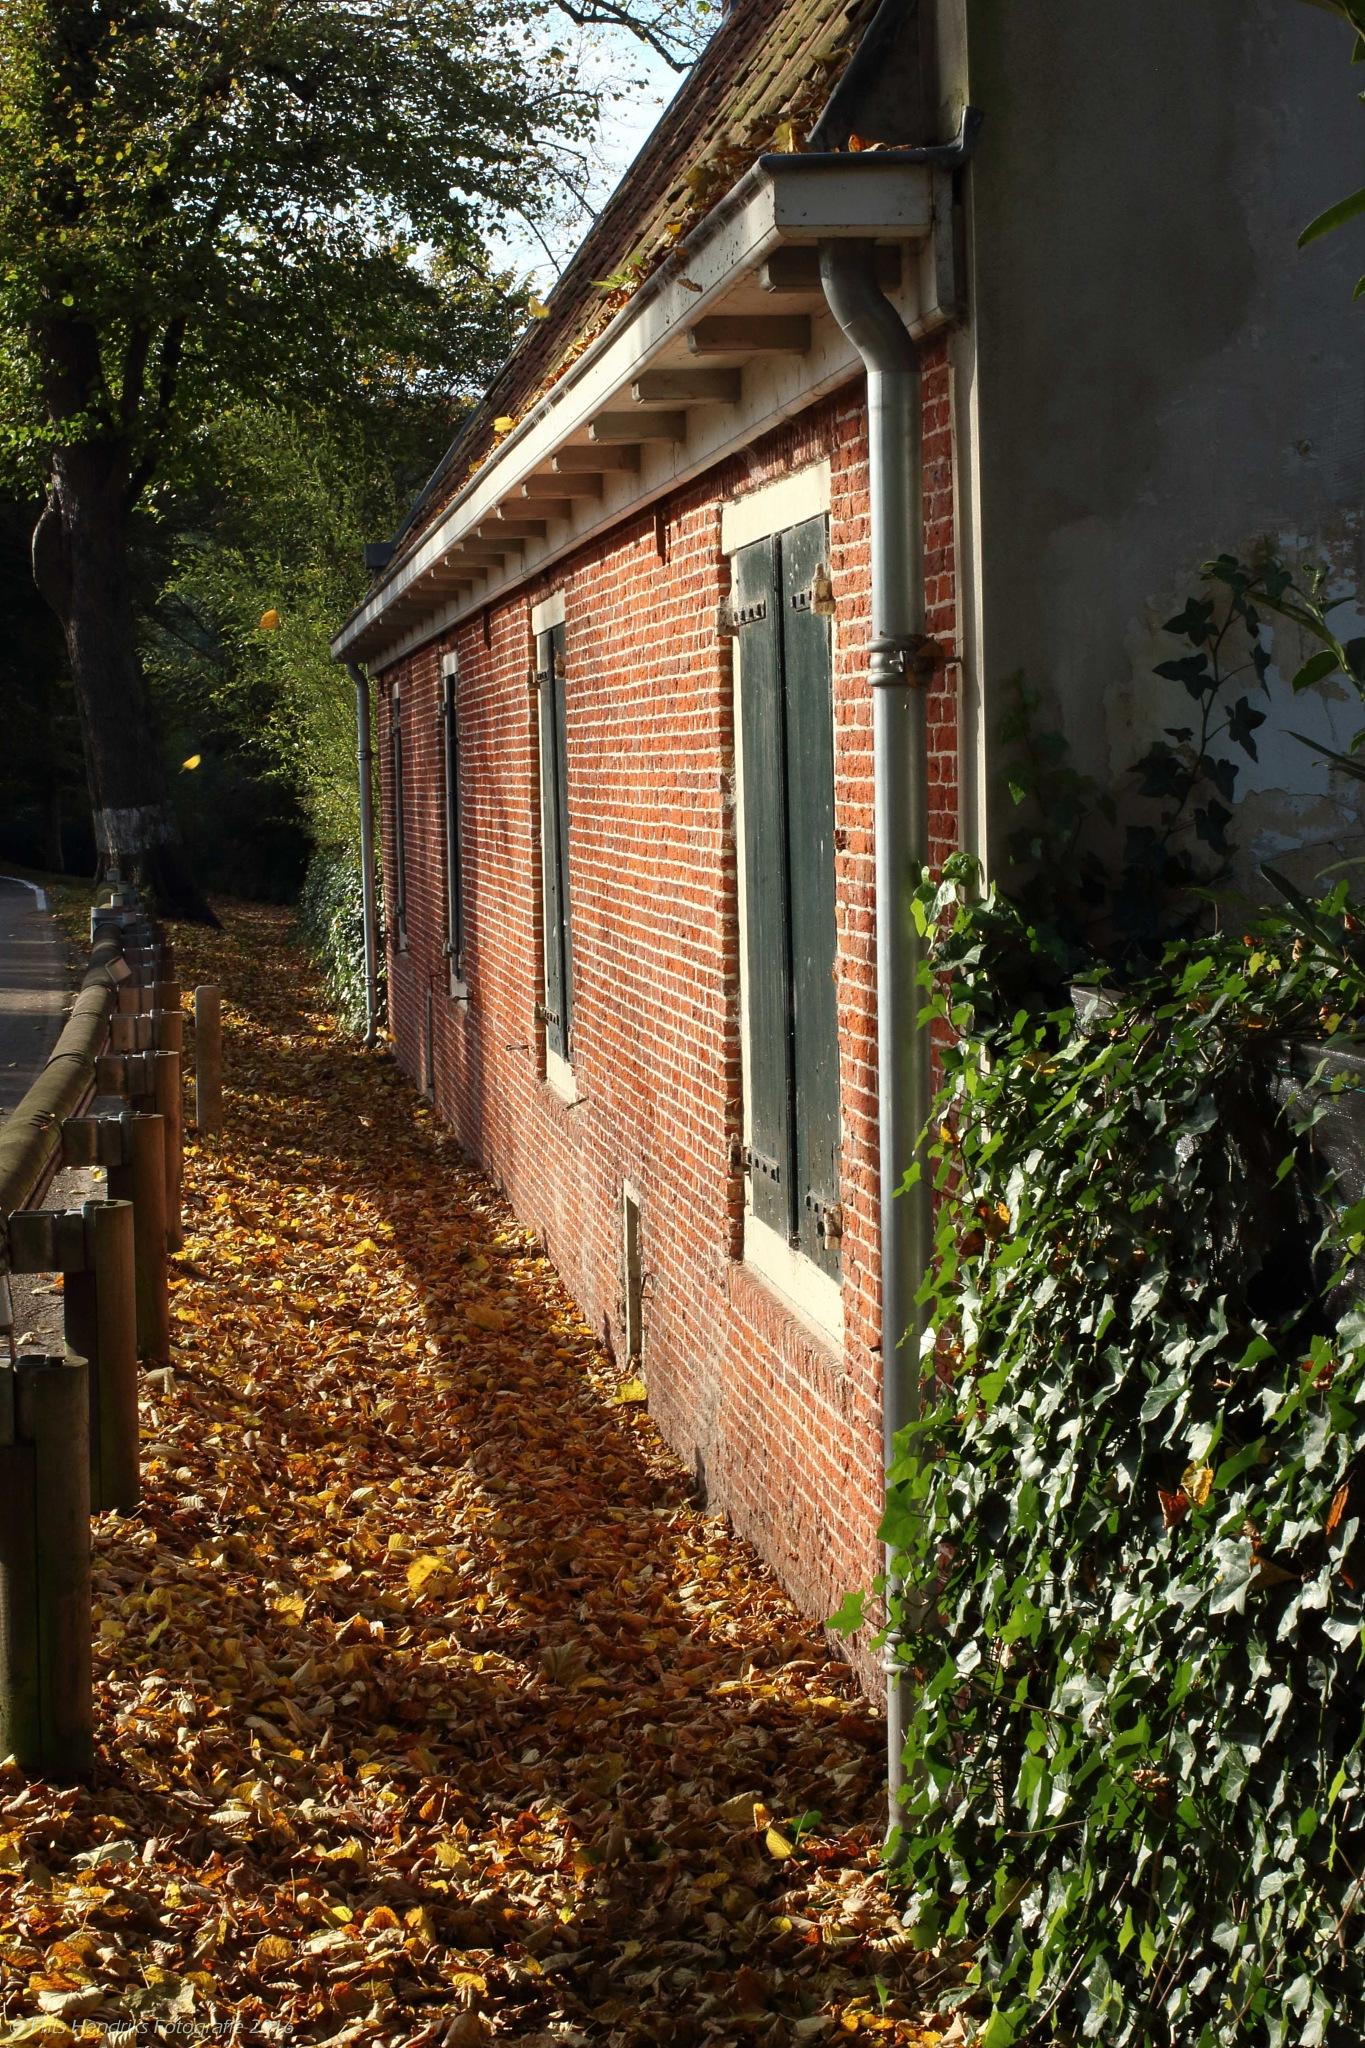 autumn in Elswout by fritshendriksfotografie